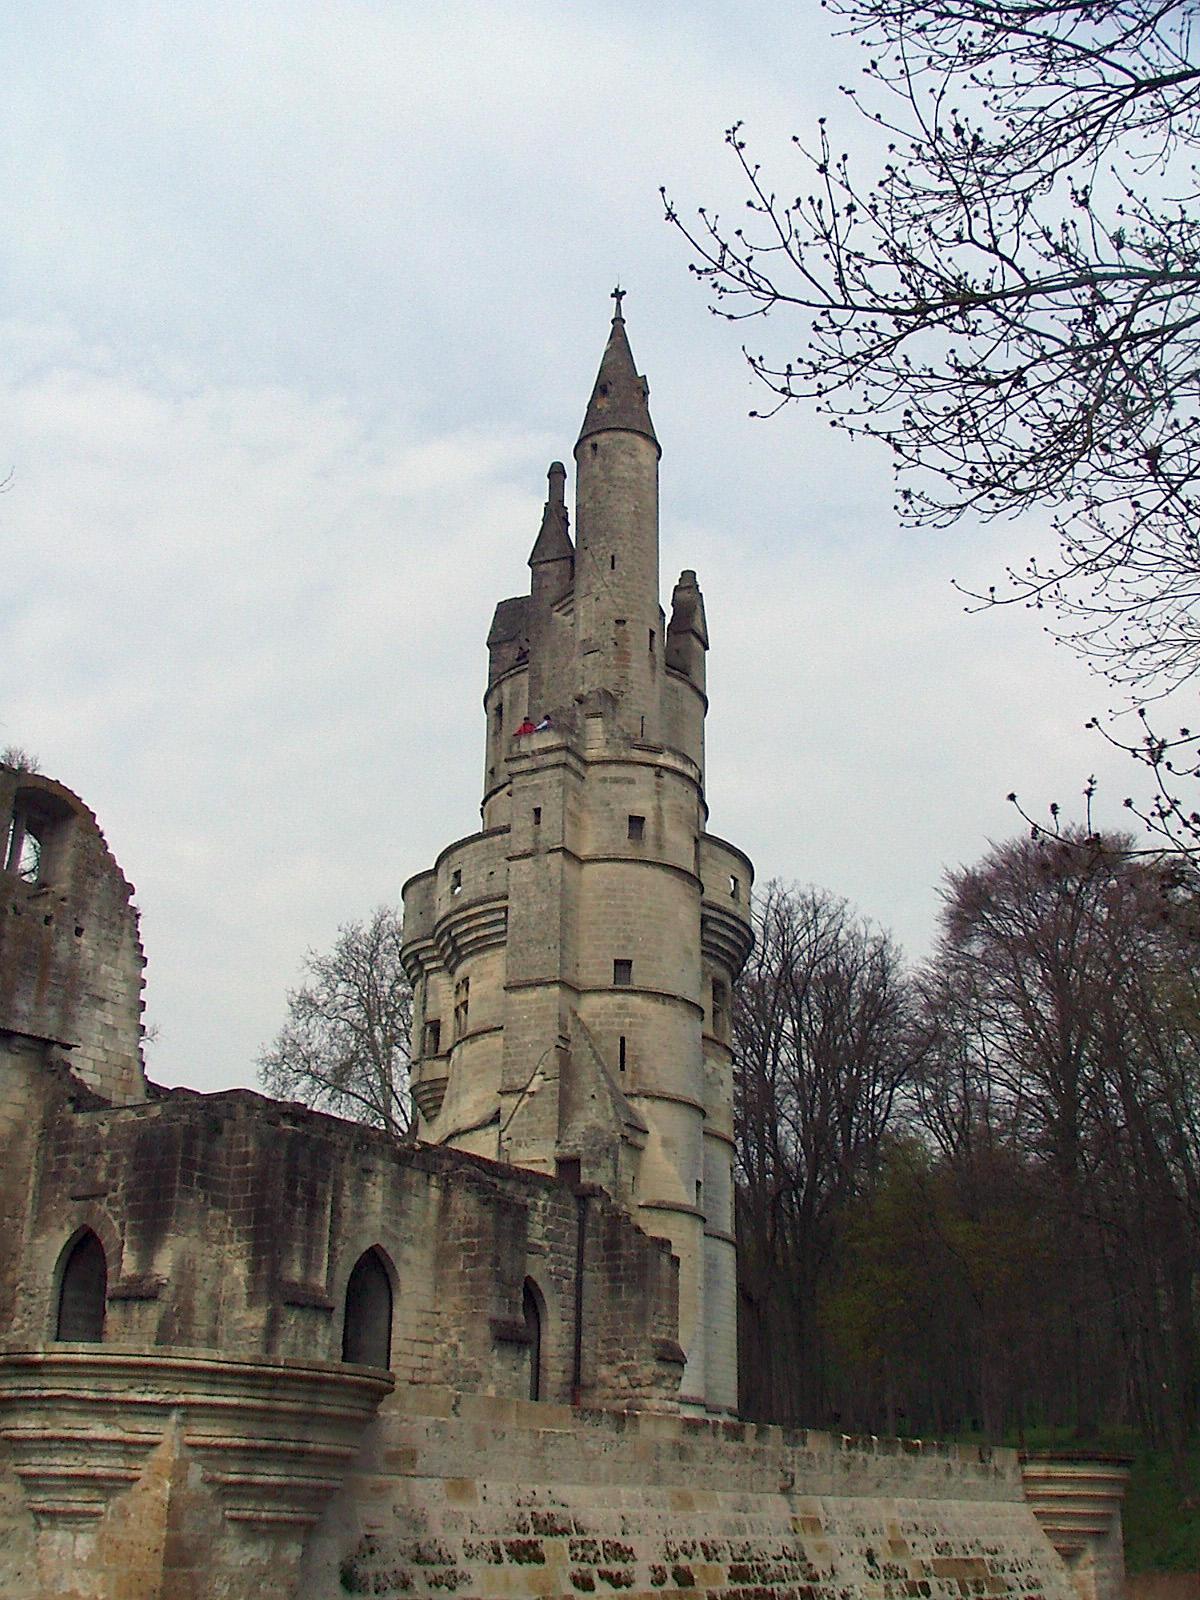 castle by Nicoolaj